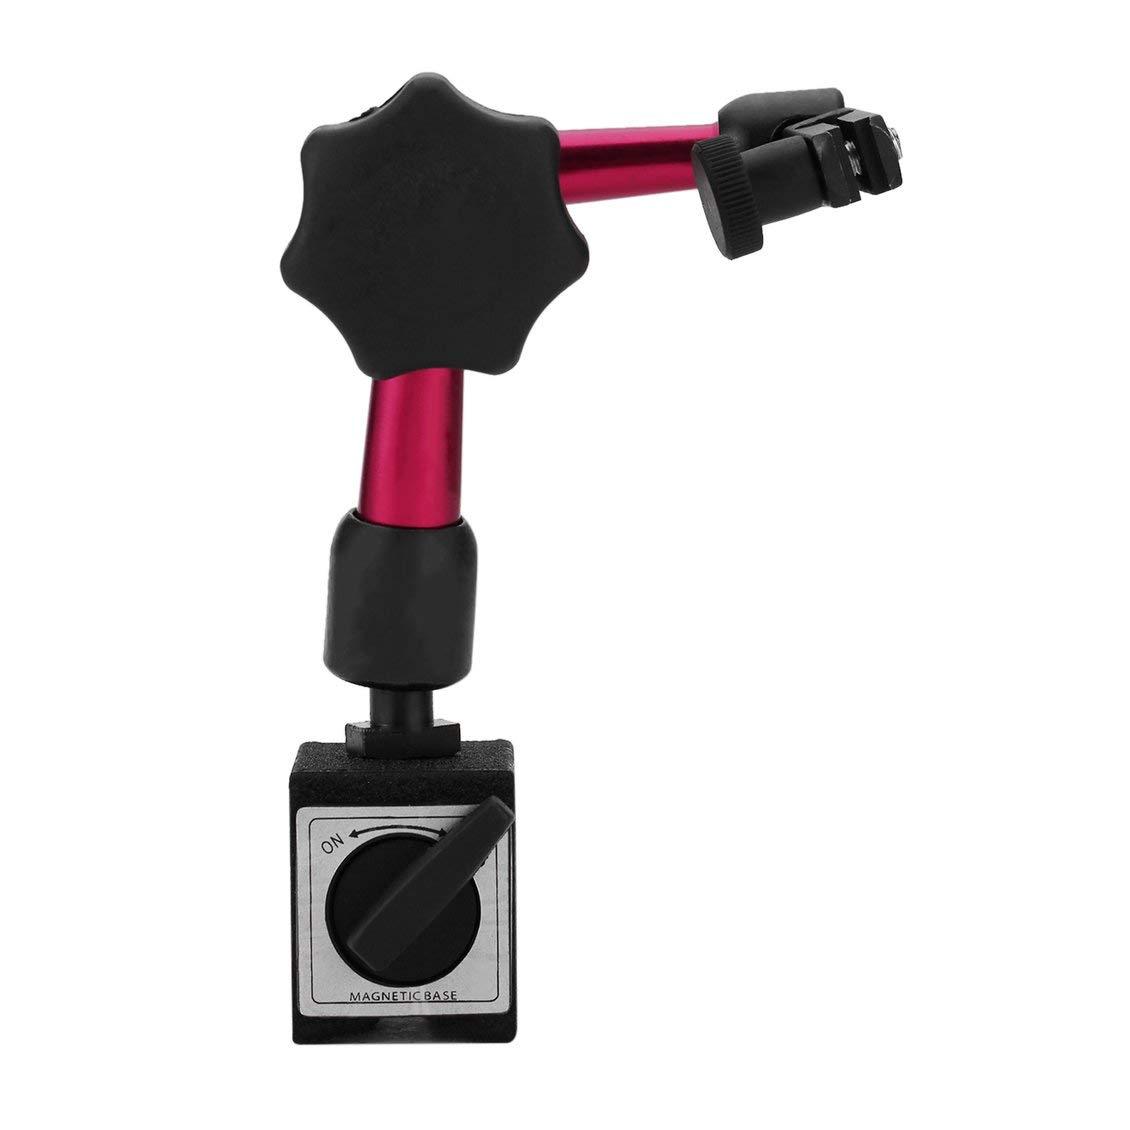 Soporte universal universal magnético de base para metálica para base soporte de nivel digital Indicador de prueba de dial Parte de operación de imán permanente 545c28